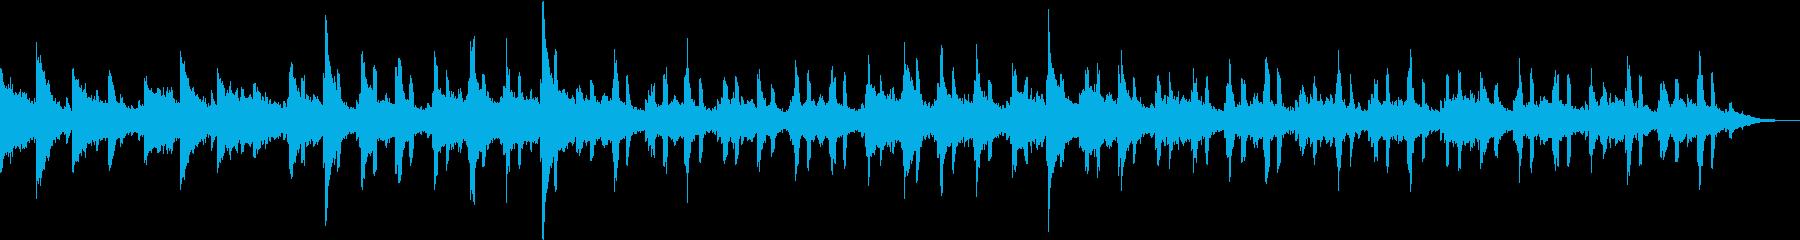 流星群 宇宙 キラキラ プラネタリウムの再生済みの波形